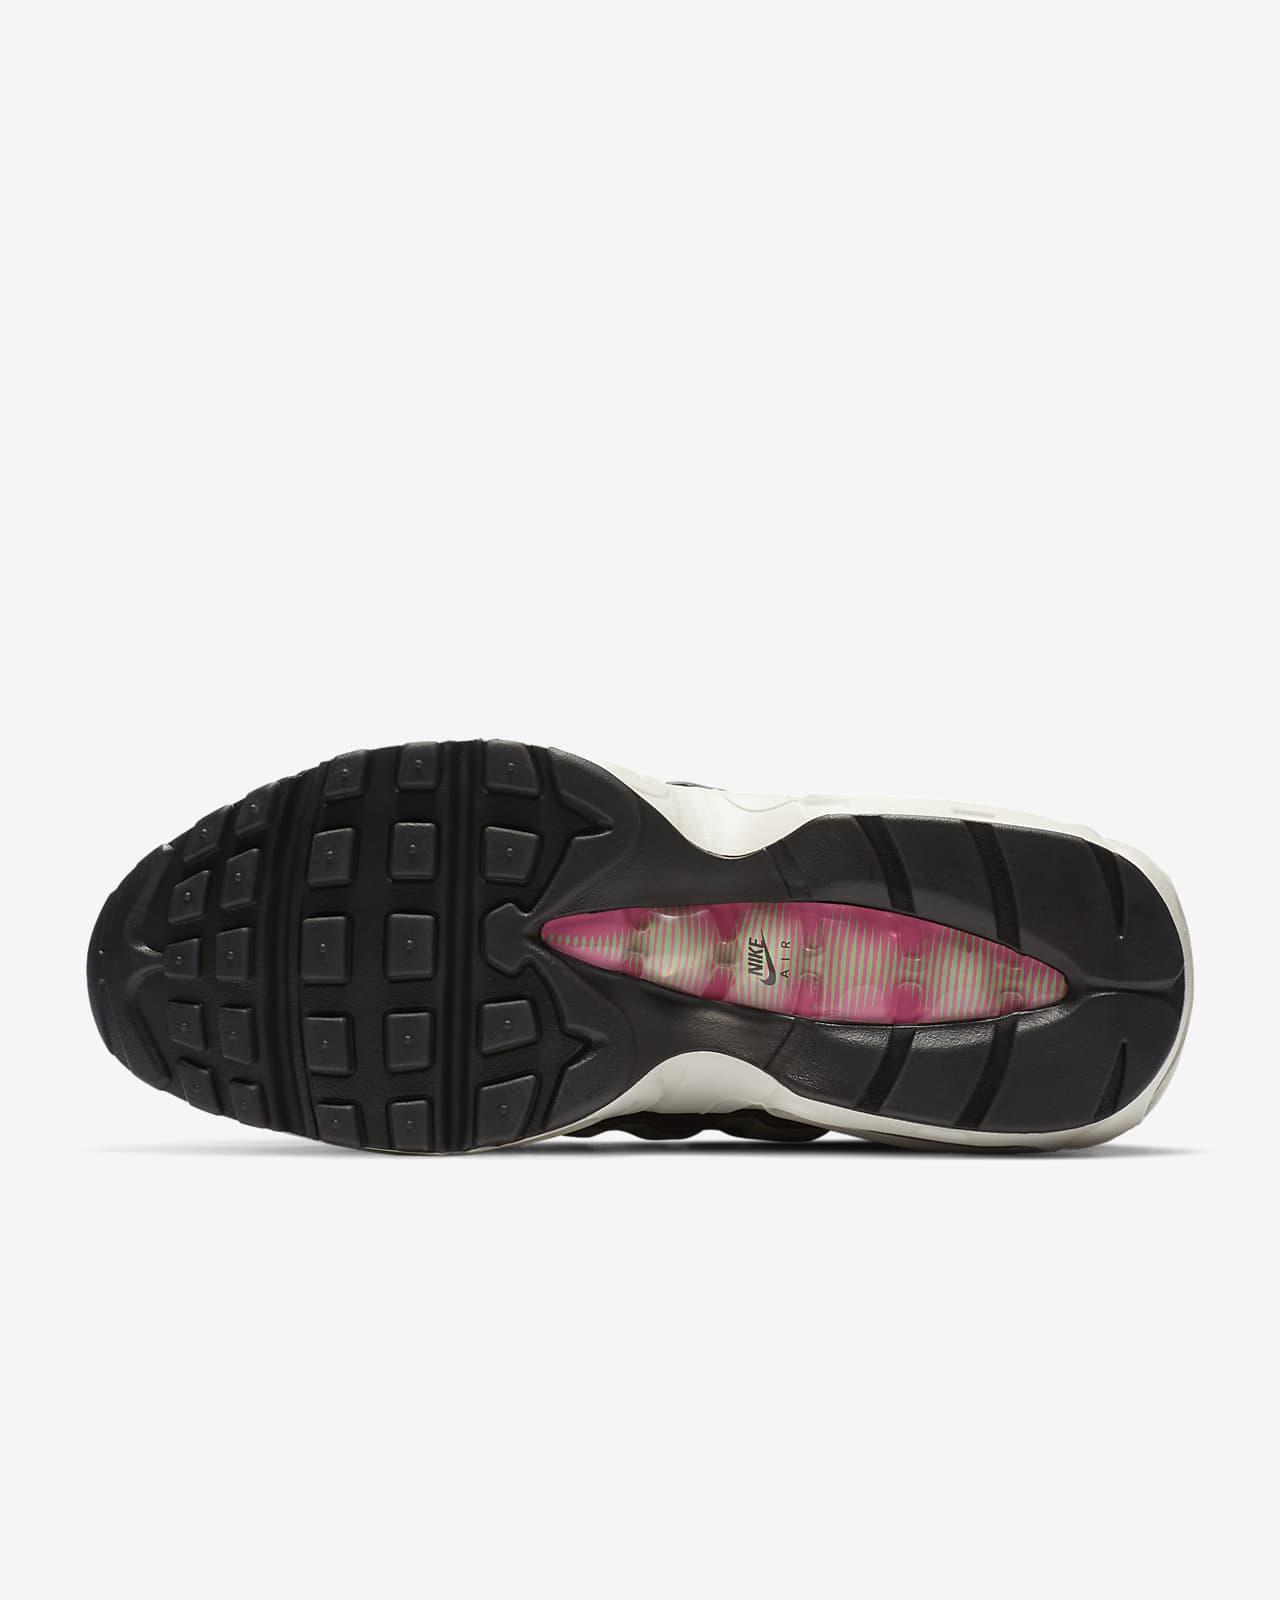 Chaussure Nike Air Max 95 Premium pour Femme